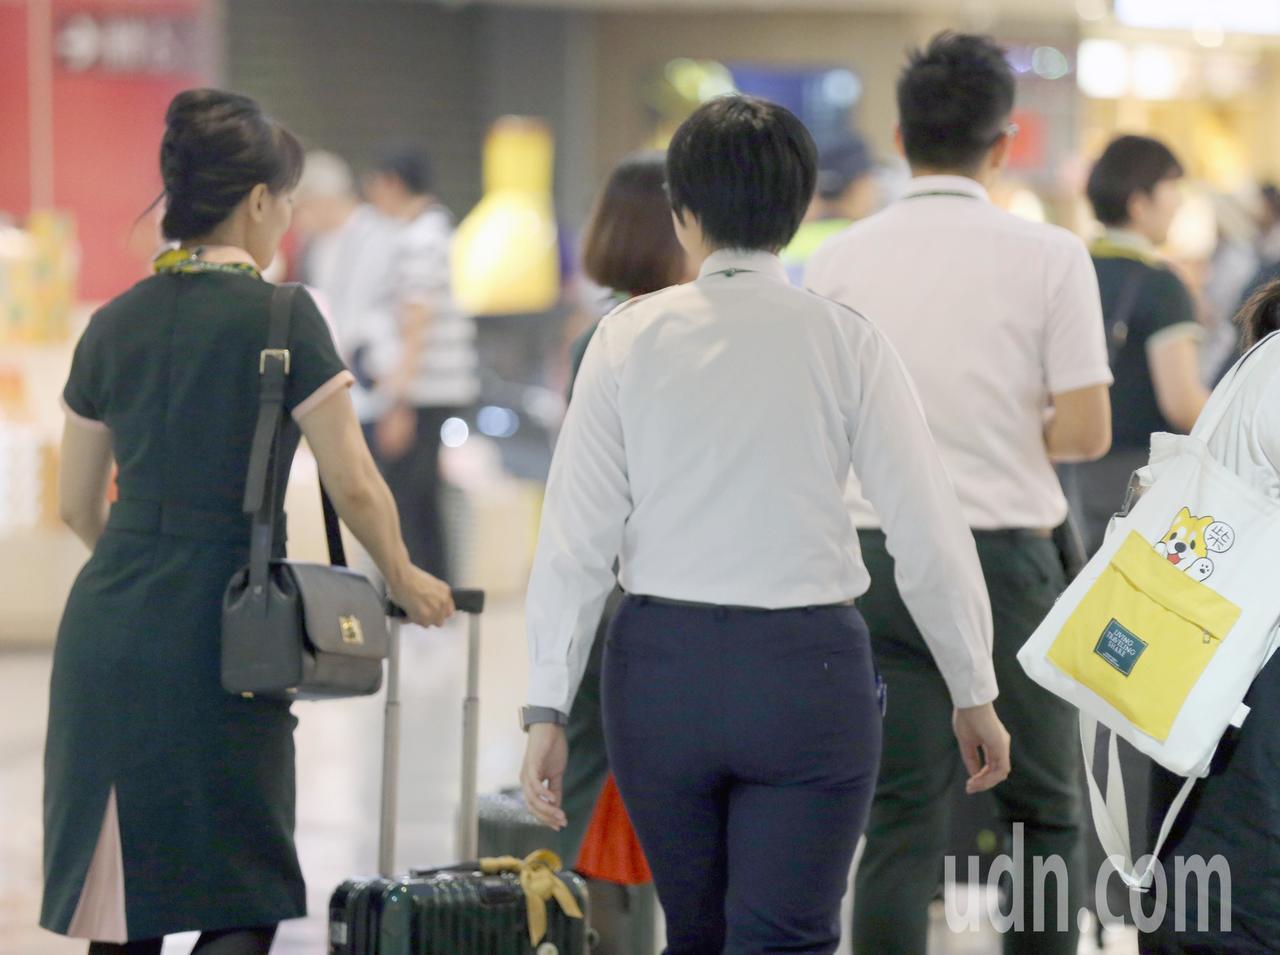 長榮航空部分空服員罷工,為了避免上班服勤的空服員受到外力干擾,從23日起就加派地...